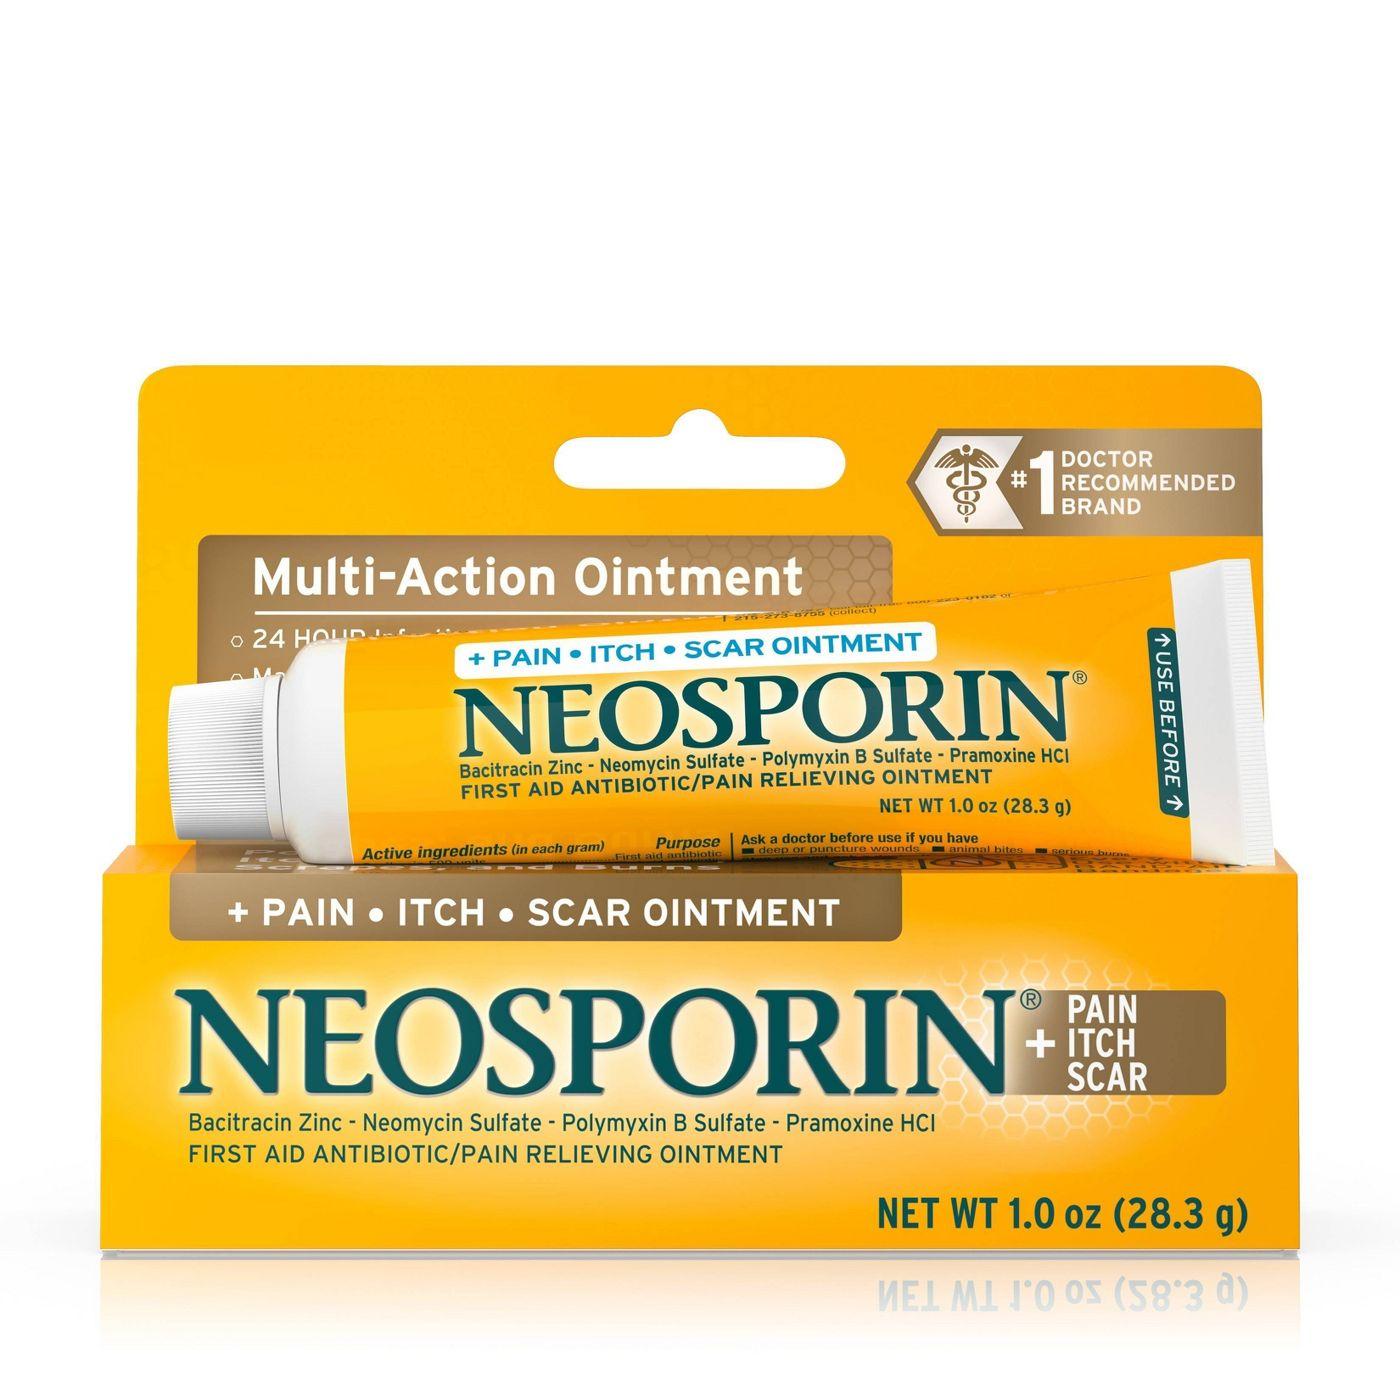 네오스포린 상처연고 _ Neosporin First Aid Antibiotic/Pain Relieving Ointment - 1 oz